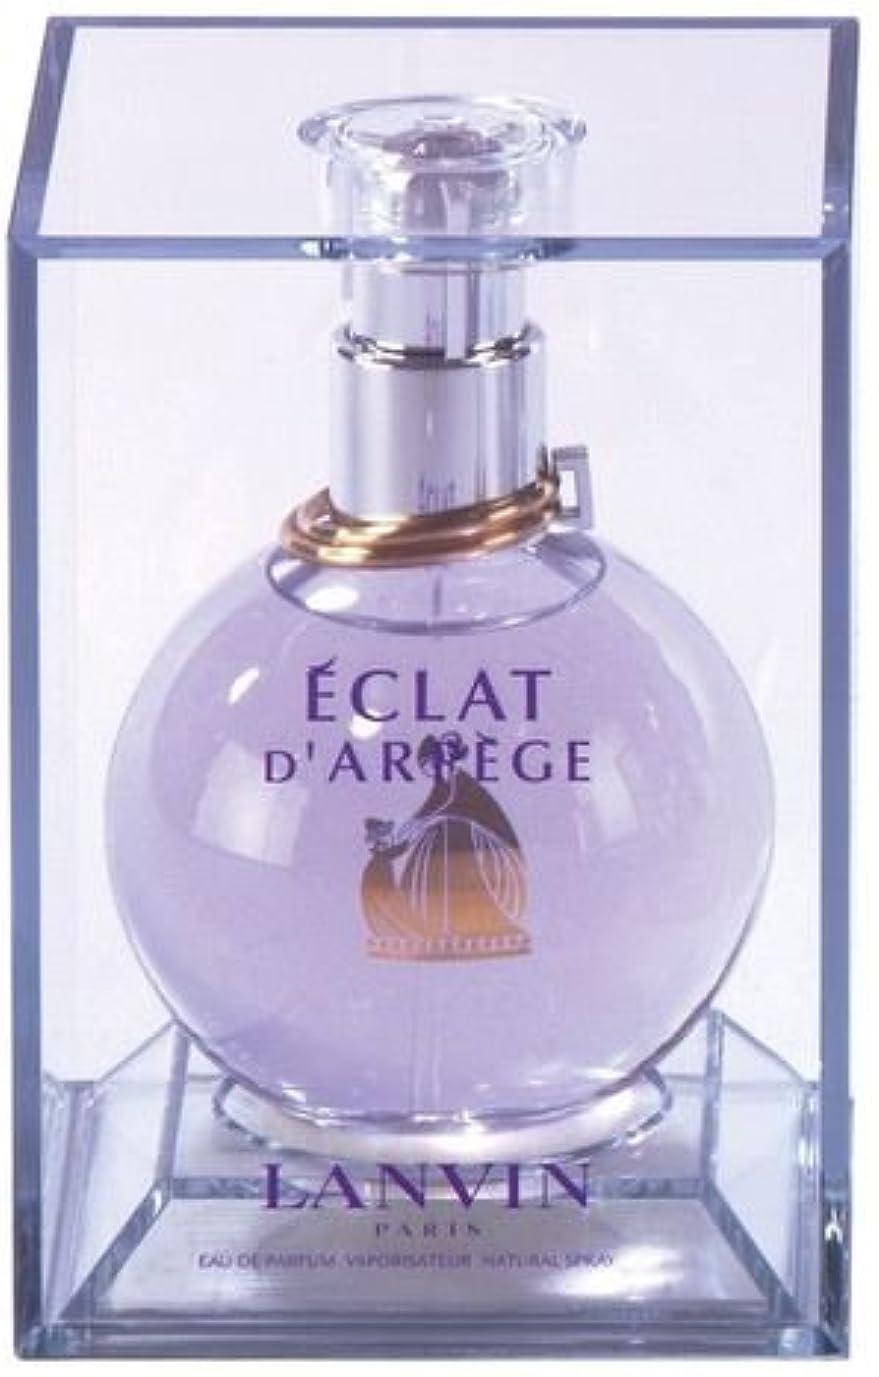 上記の頭と肩リーンアプライアンスランバン エクラ ドゥ アルページュ オードパルファム EDP 50mL 香水